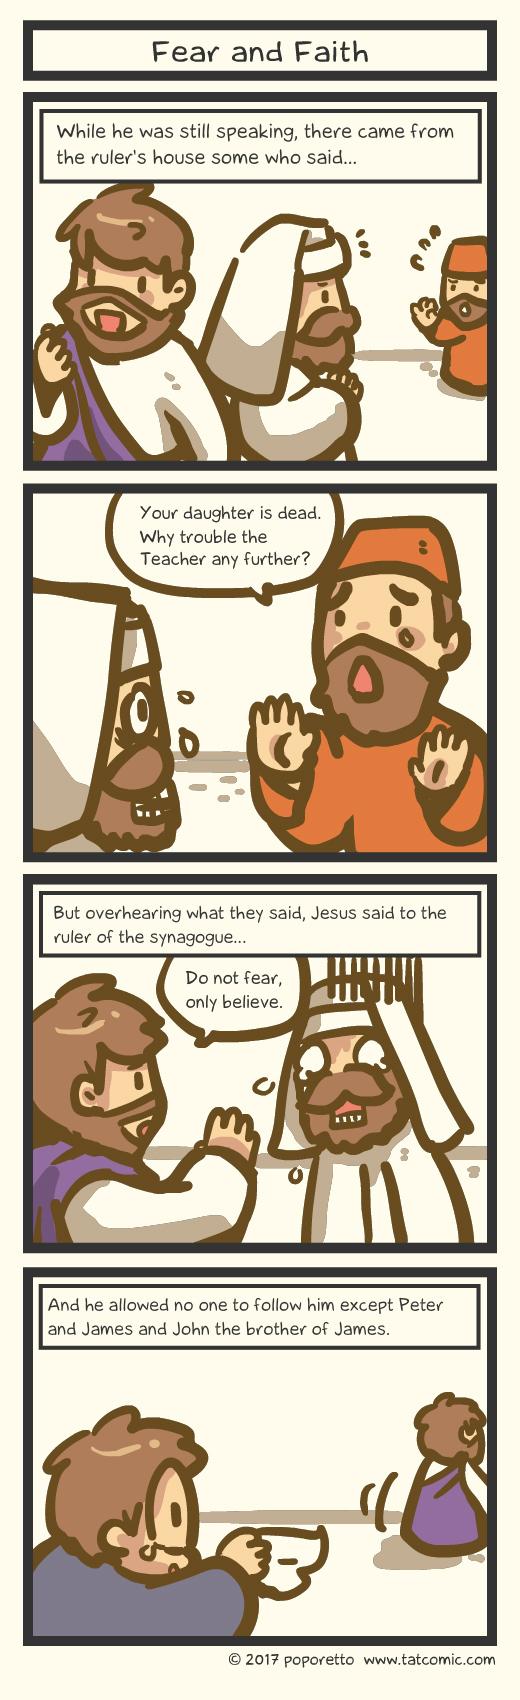 Book of Mark – Fear and Faith